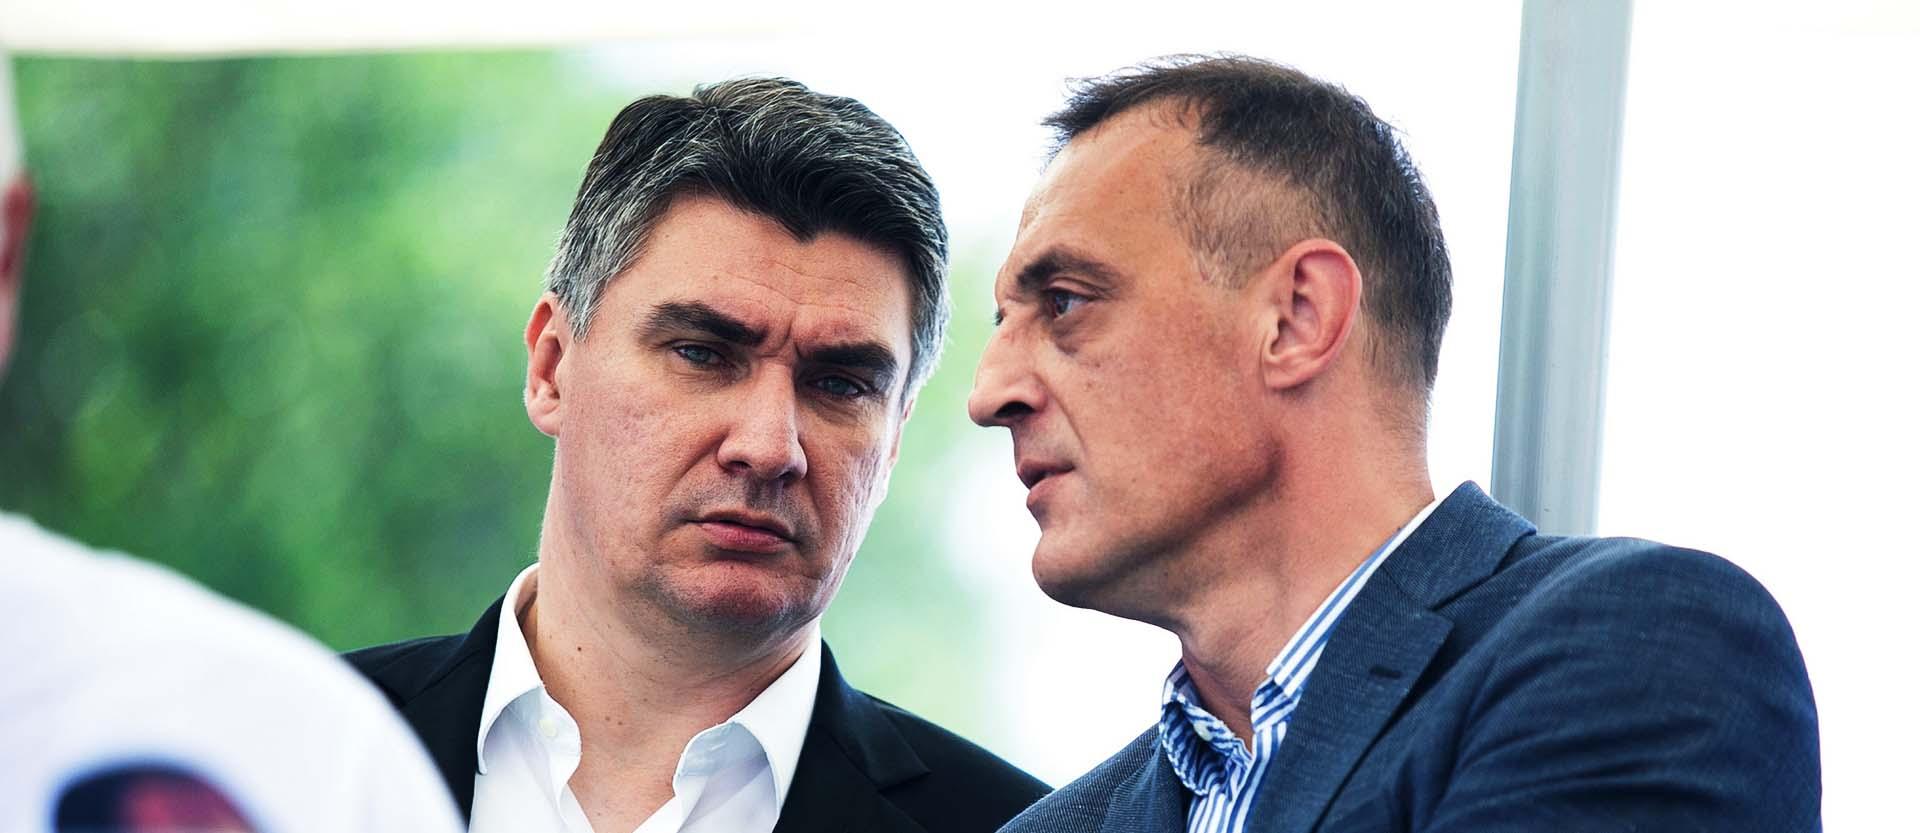 PROBLEMI ZA MILANOVIĆA zbog pobune slavonskih SDP-ovaca